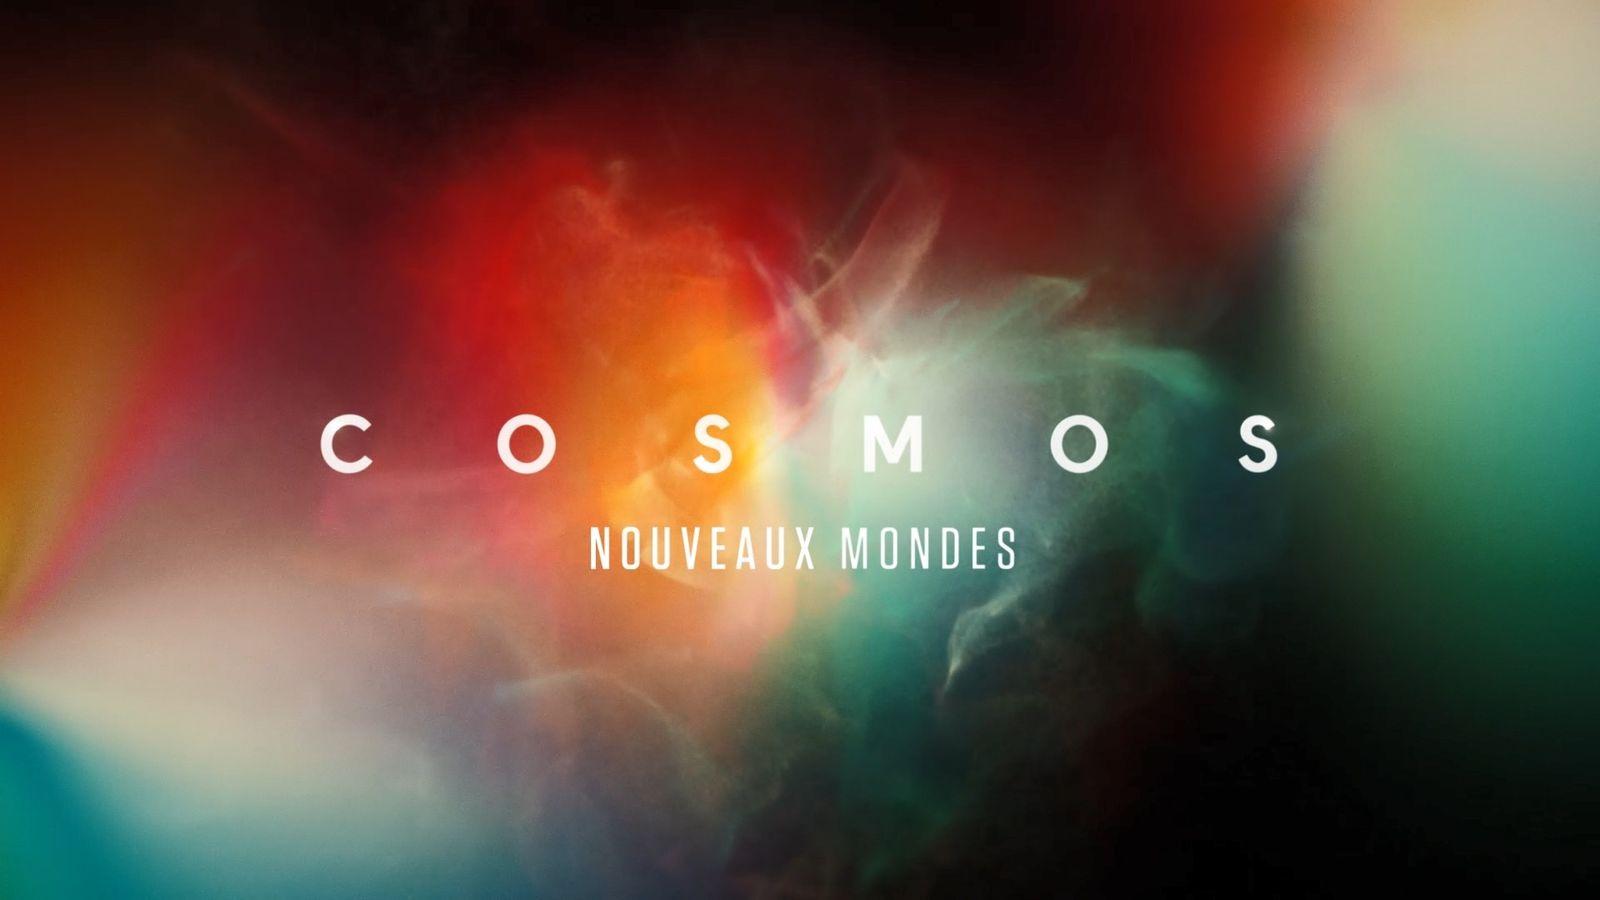 COSMOS : NOUVEAUX MONDES | Trailer